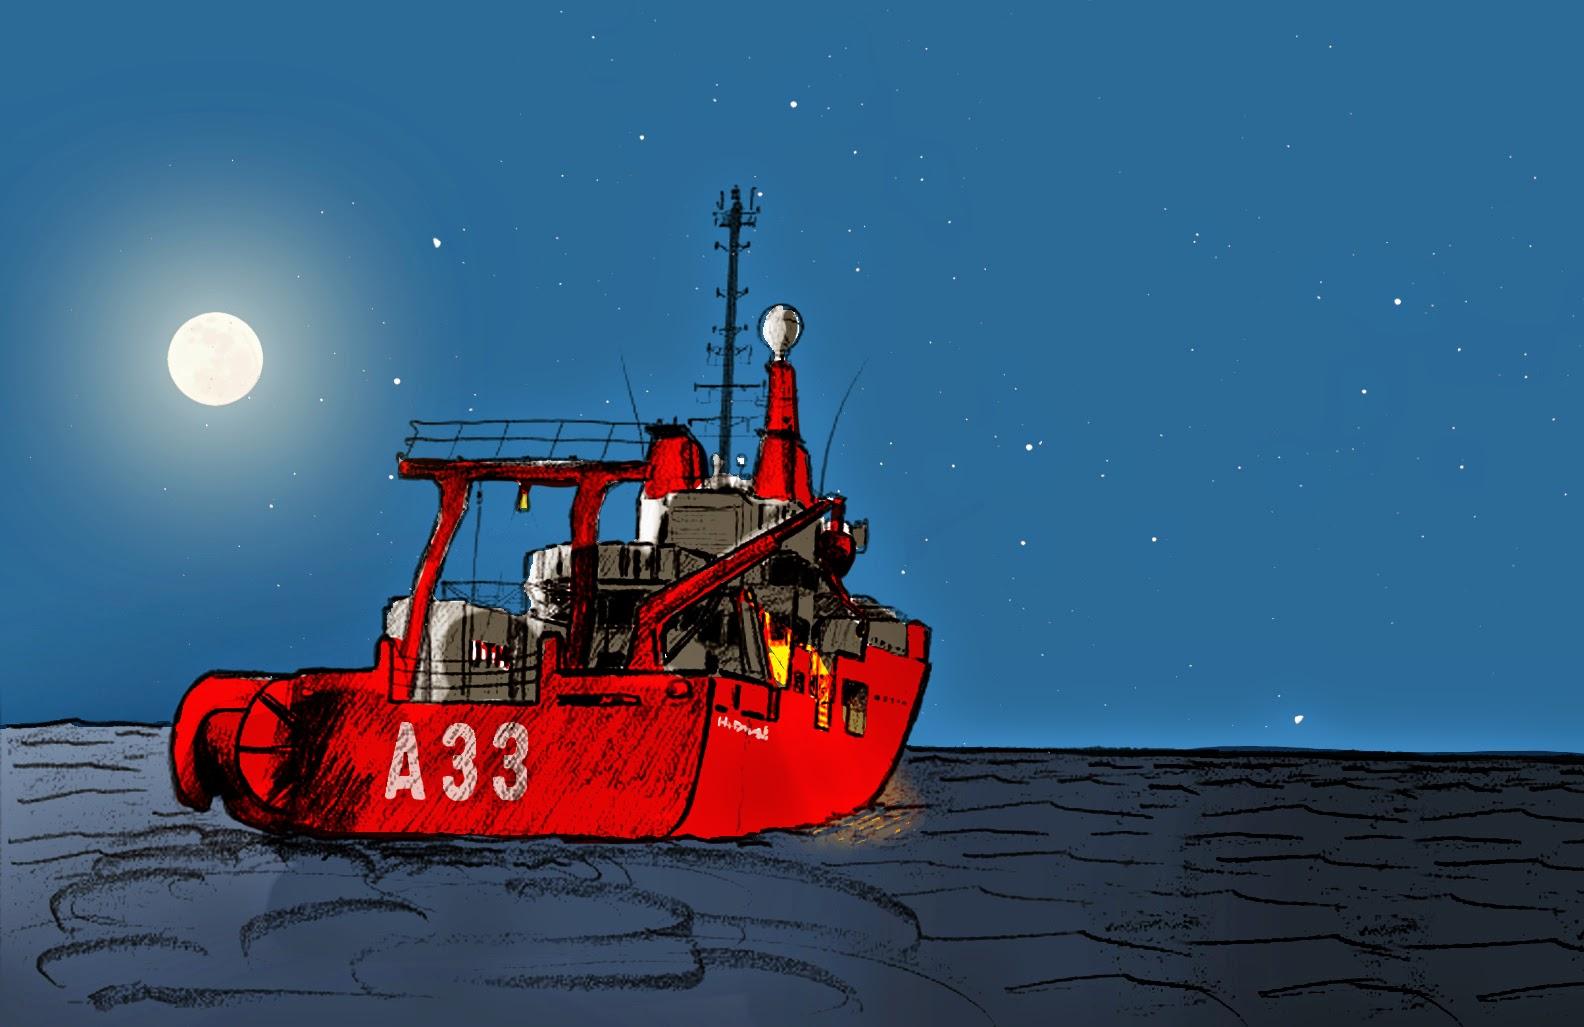 Viñeta con el barco Hespérides del cómic de divulgación Expedición Malaspina 2011